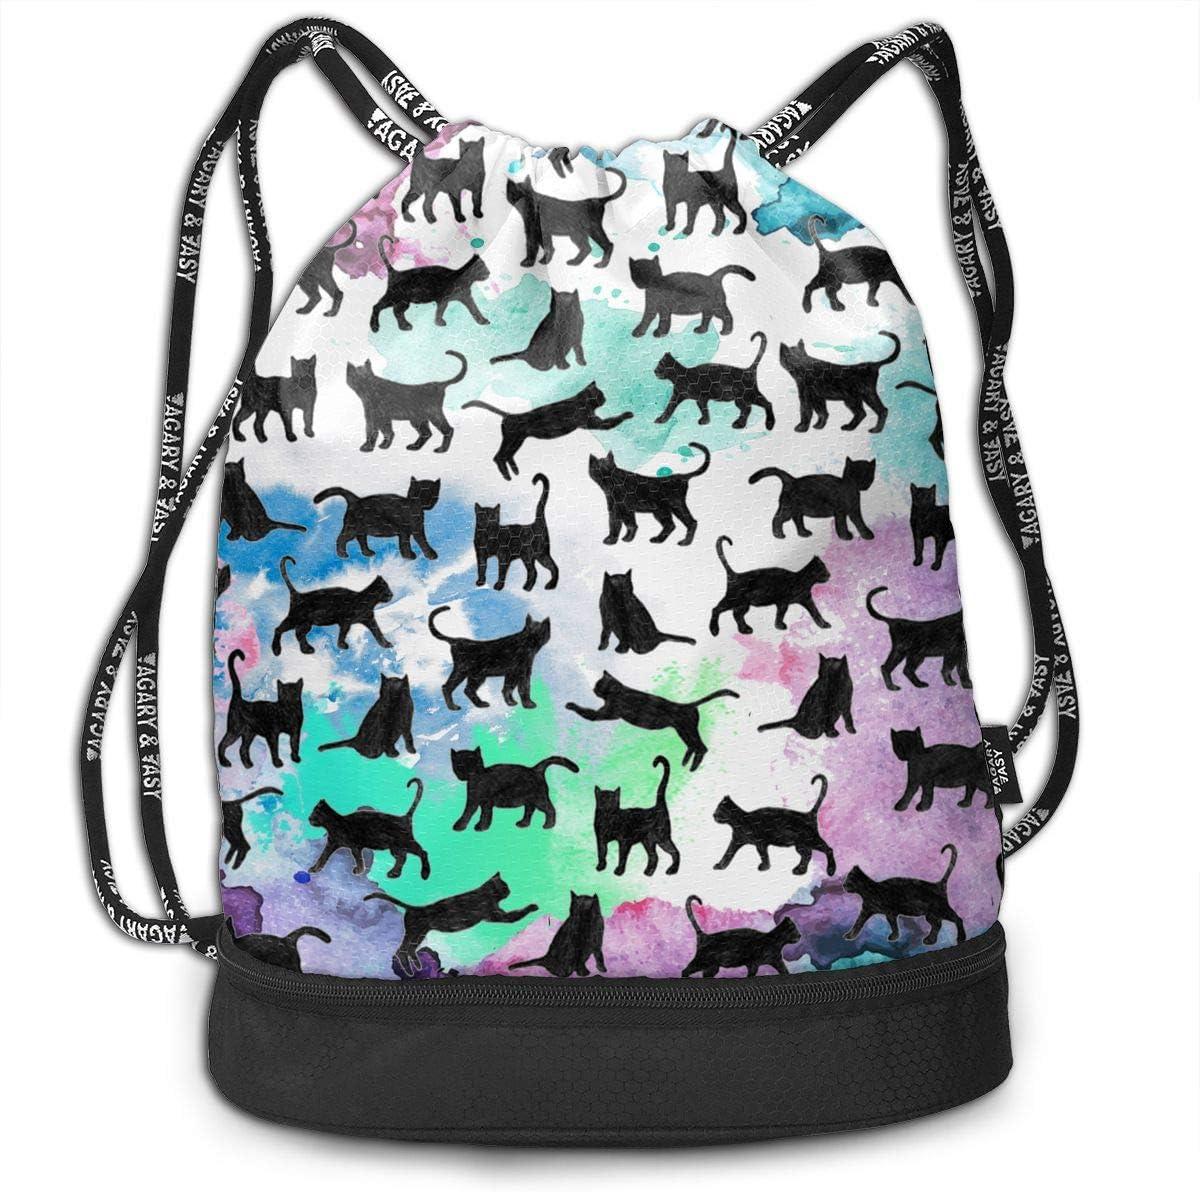 HUOPR5Q Cat Drawstring Backpack Sport Gym Sack Shoulder Bulk Bag Dance Bag for School Travel